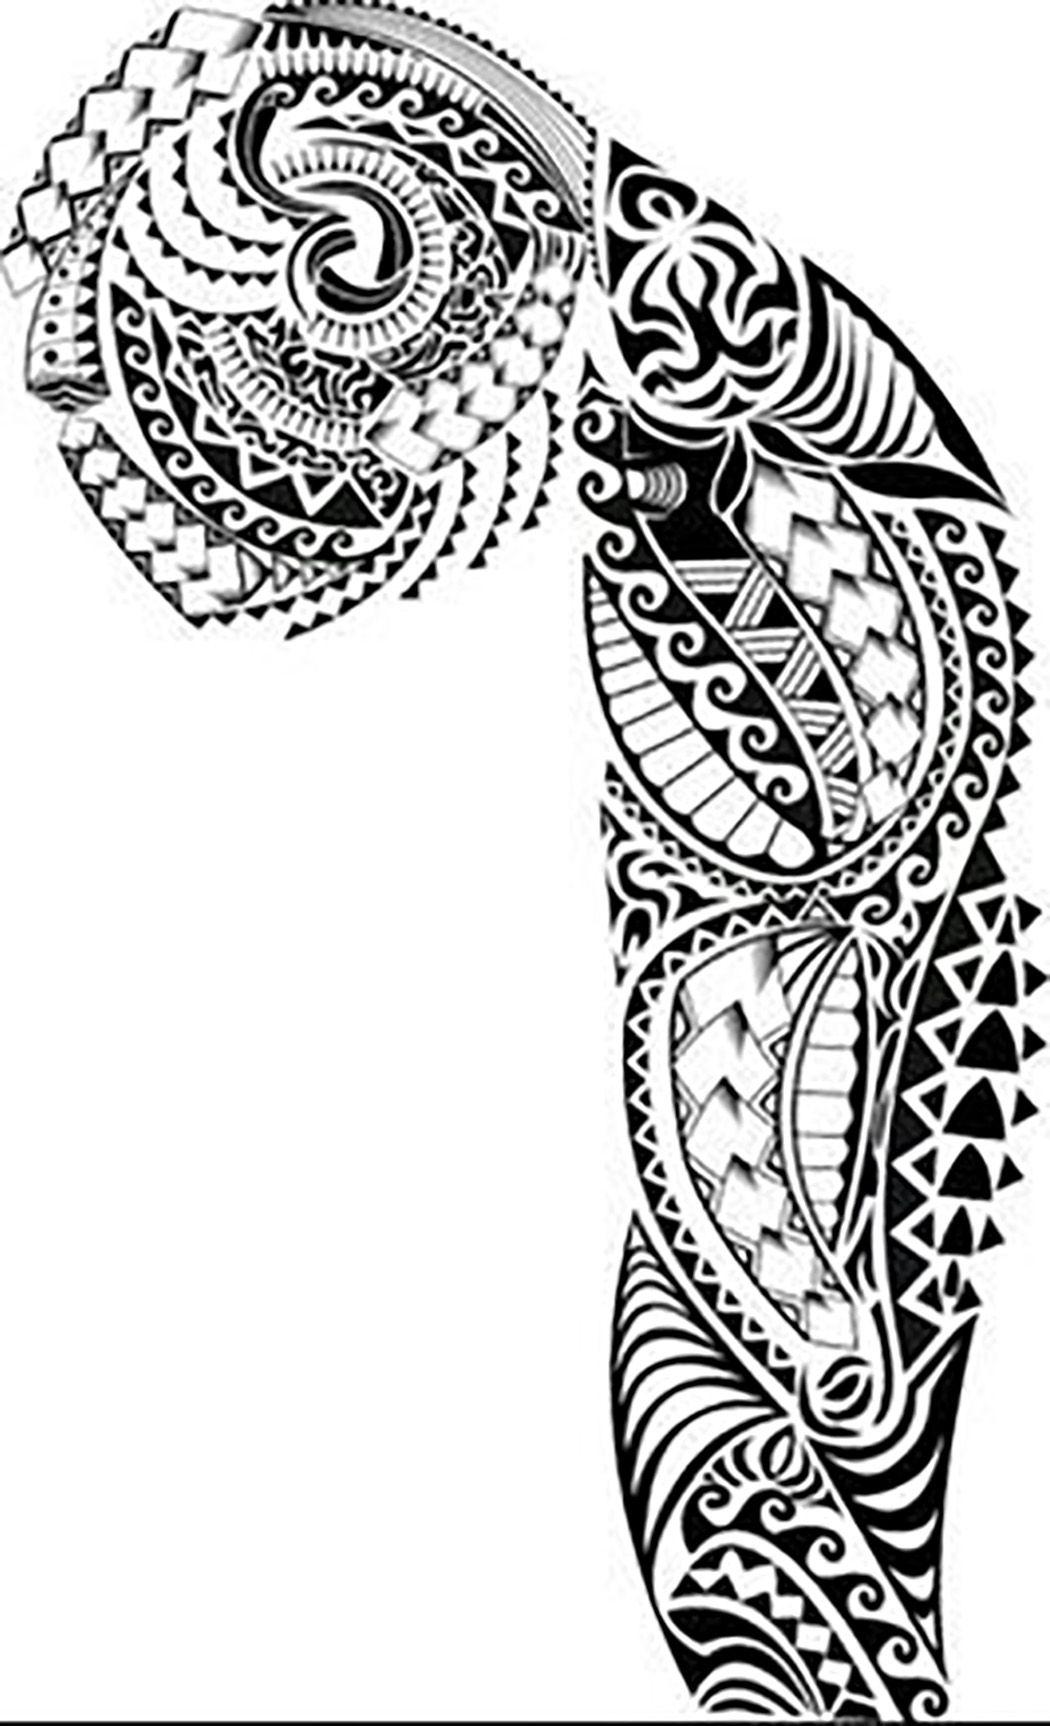 Tattoo Png Download 2020 Half Sleeve Tattoos Drawings Maori Tattoo Designs Tattoo Sleeve Designs